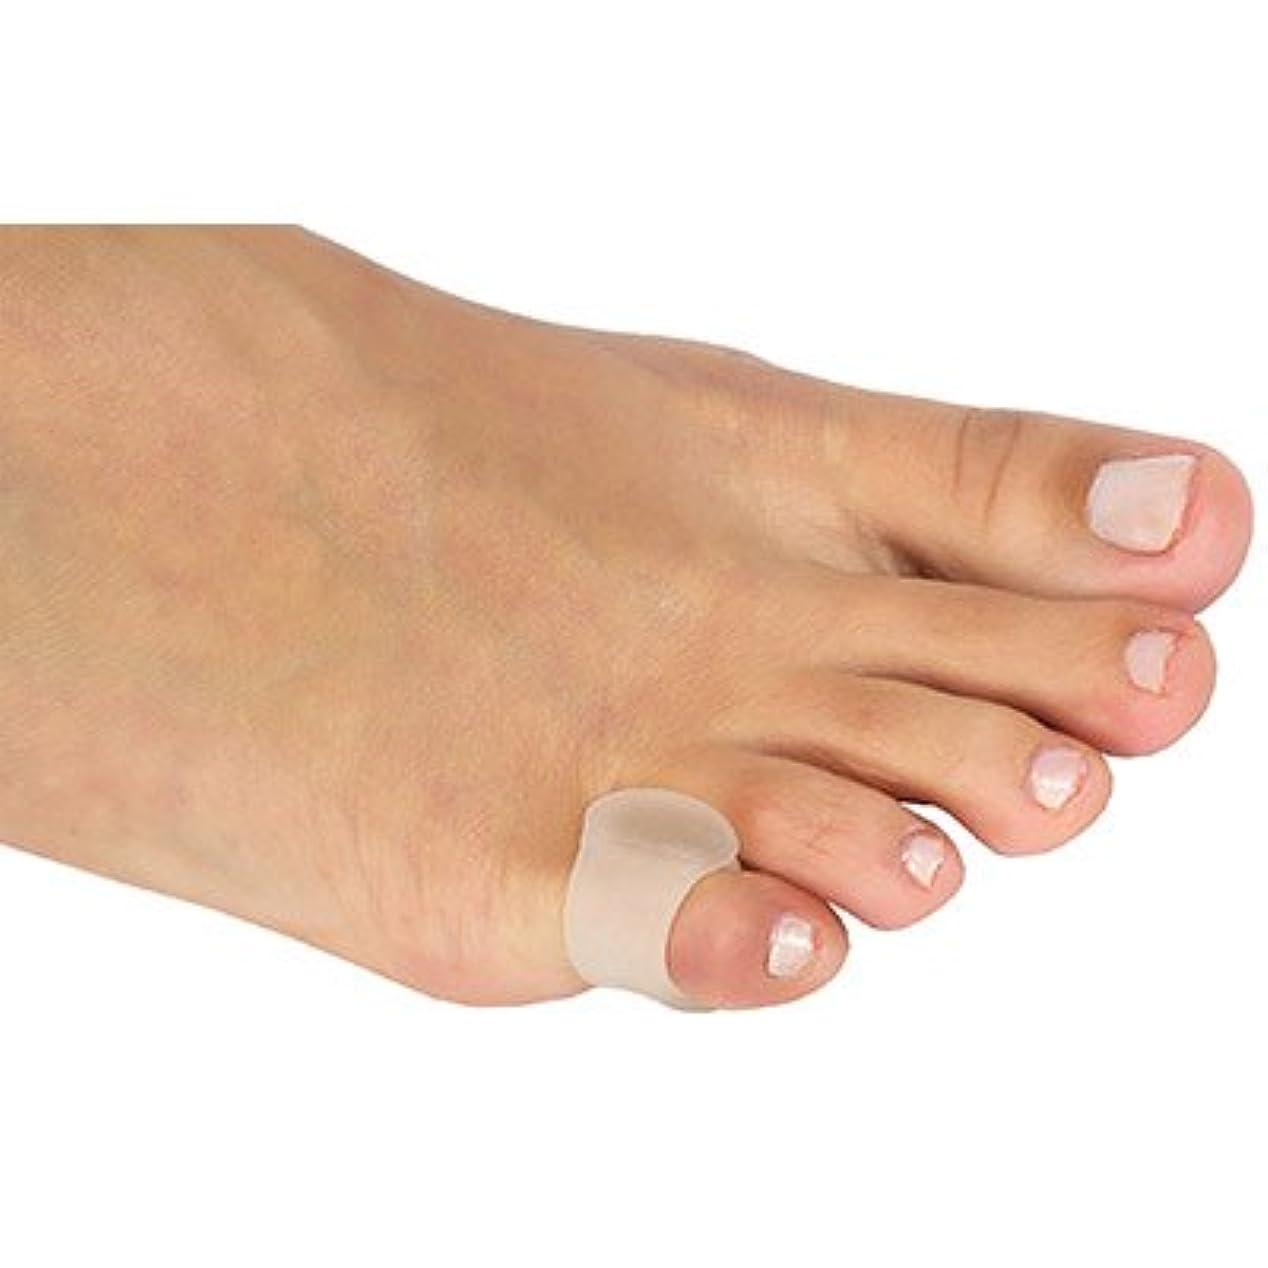 モニター下手自動的に内反小趾用足指スペーサー(P26-M)(サイズM)